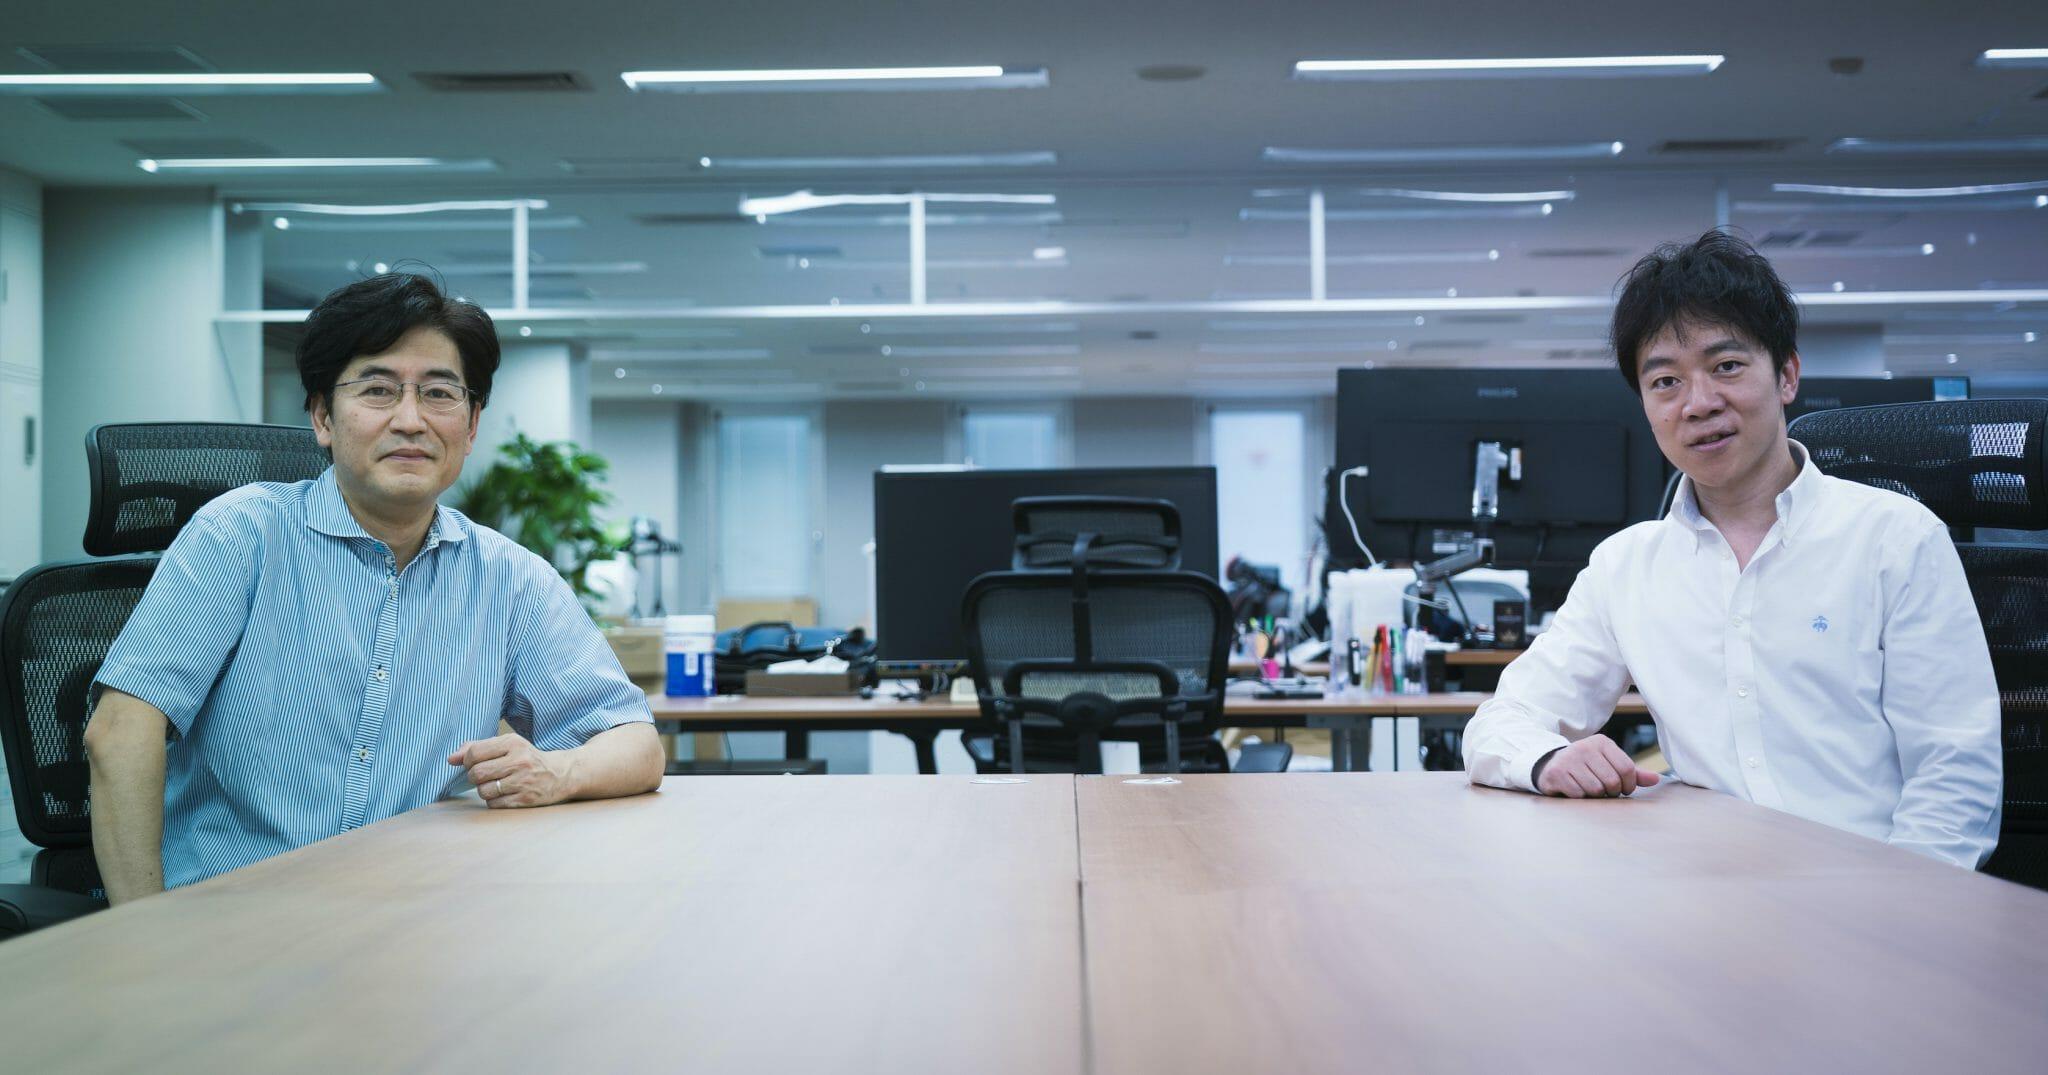 ティアフォー 、東京大学らと「ヒューマンオーグメンテーション社会連携講座」を開始